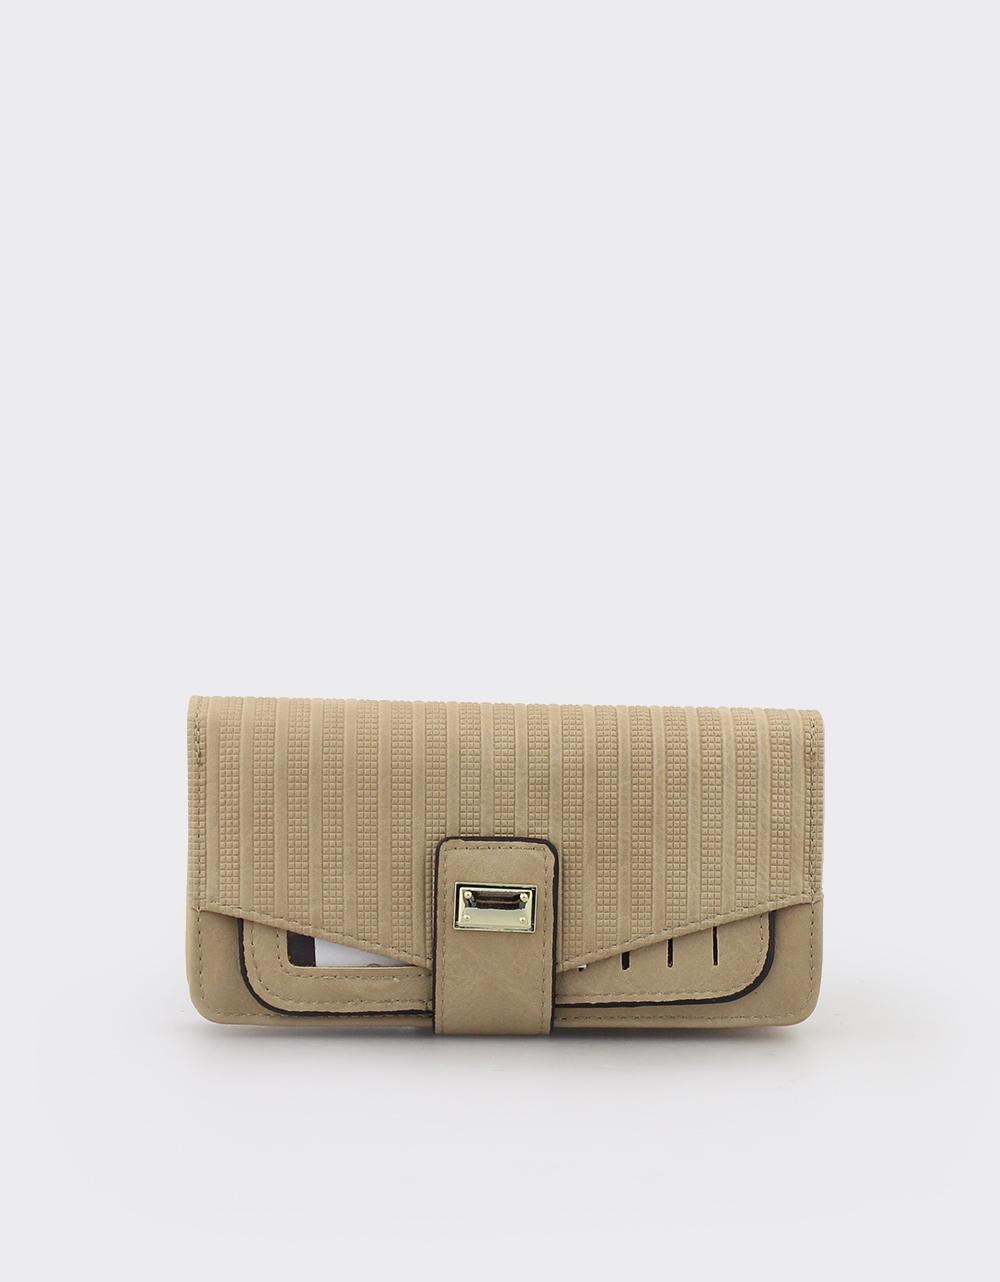 Εικόνα από Γυναικεία πορτοφόλια με ανάγλυφο μοτίβο Πούρο